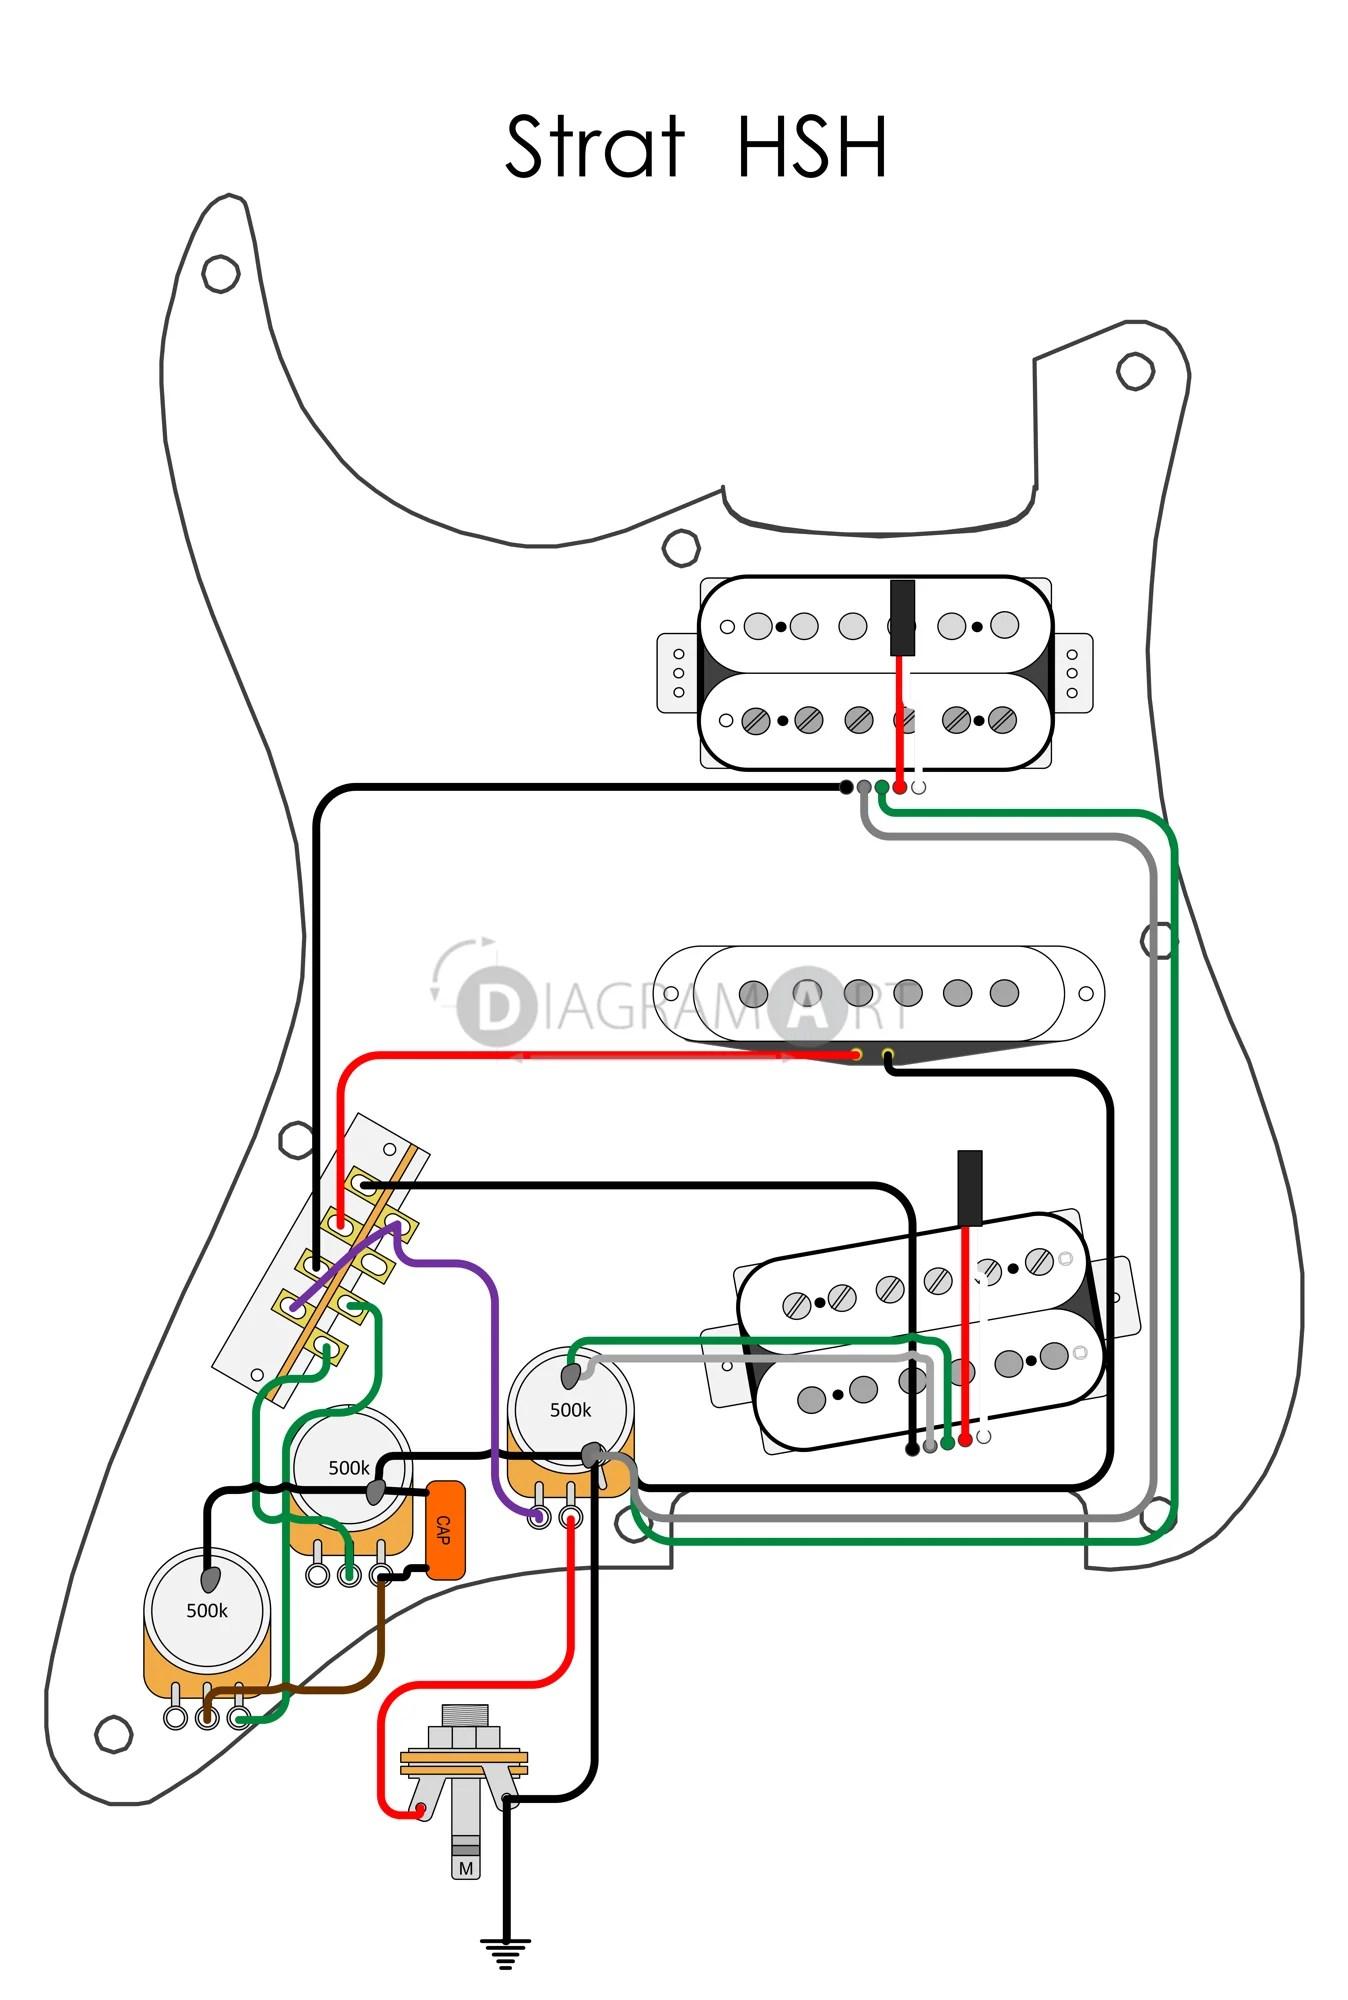 hsh guitar wiring ngs wiring diagram squier strat wiring diagram hhh guitar wiring diagram wiring diagram [ 1348 x 2000 Pixel ]